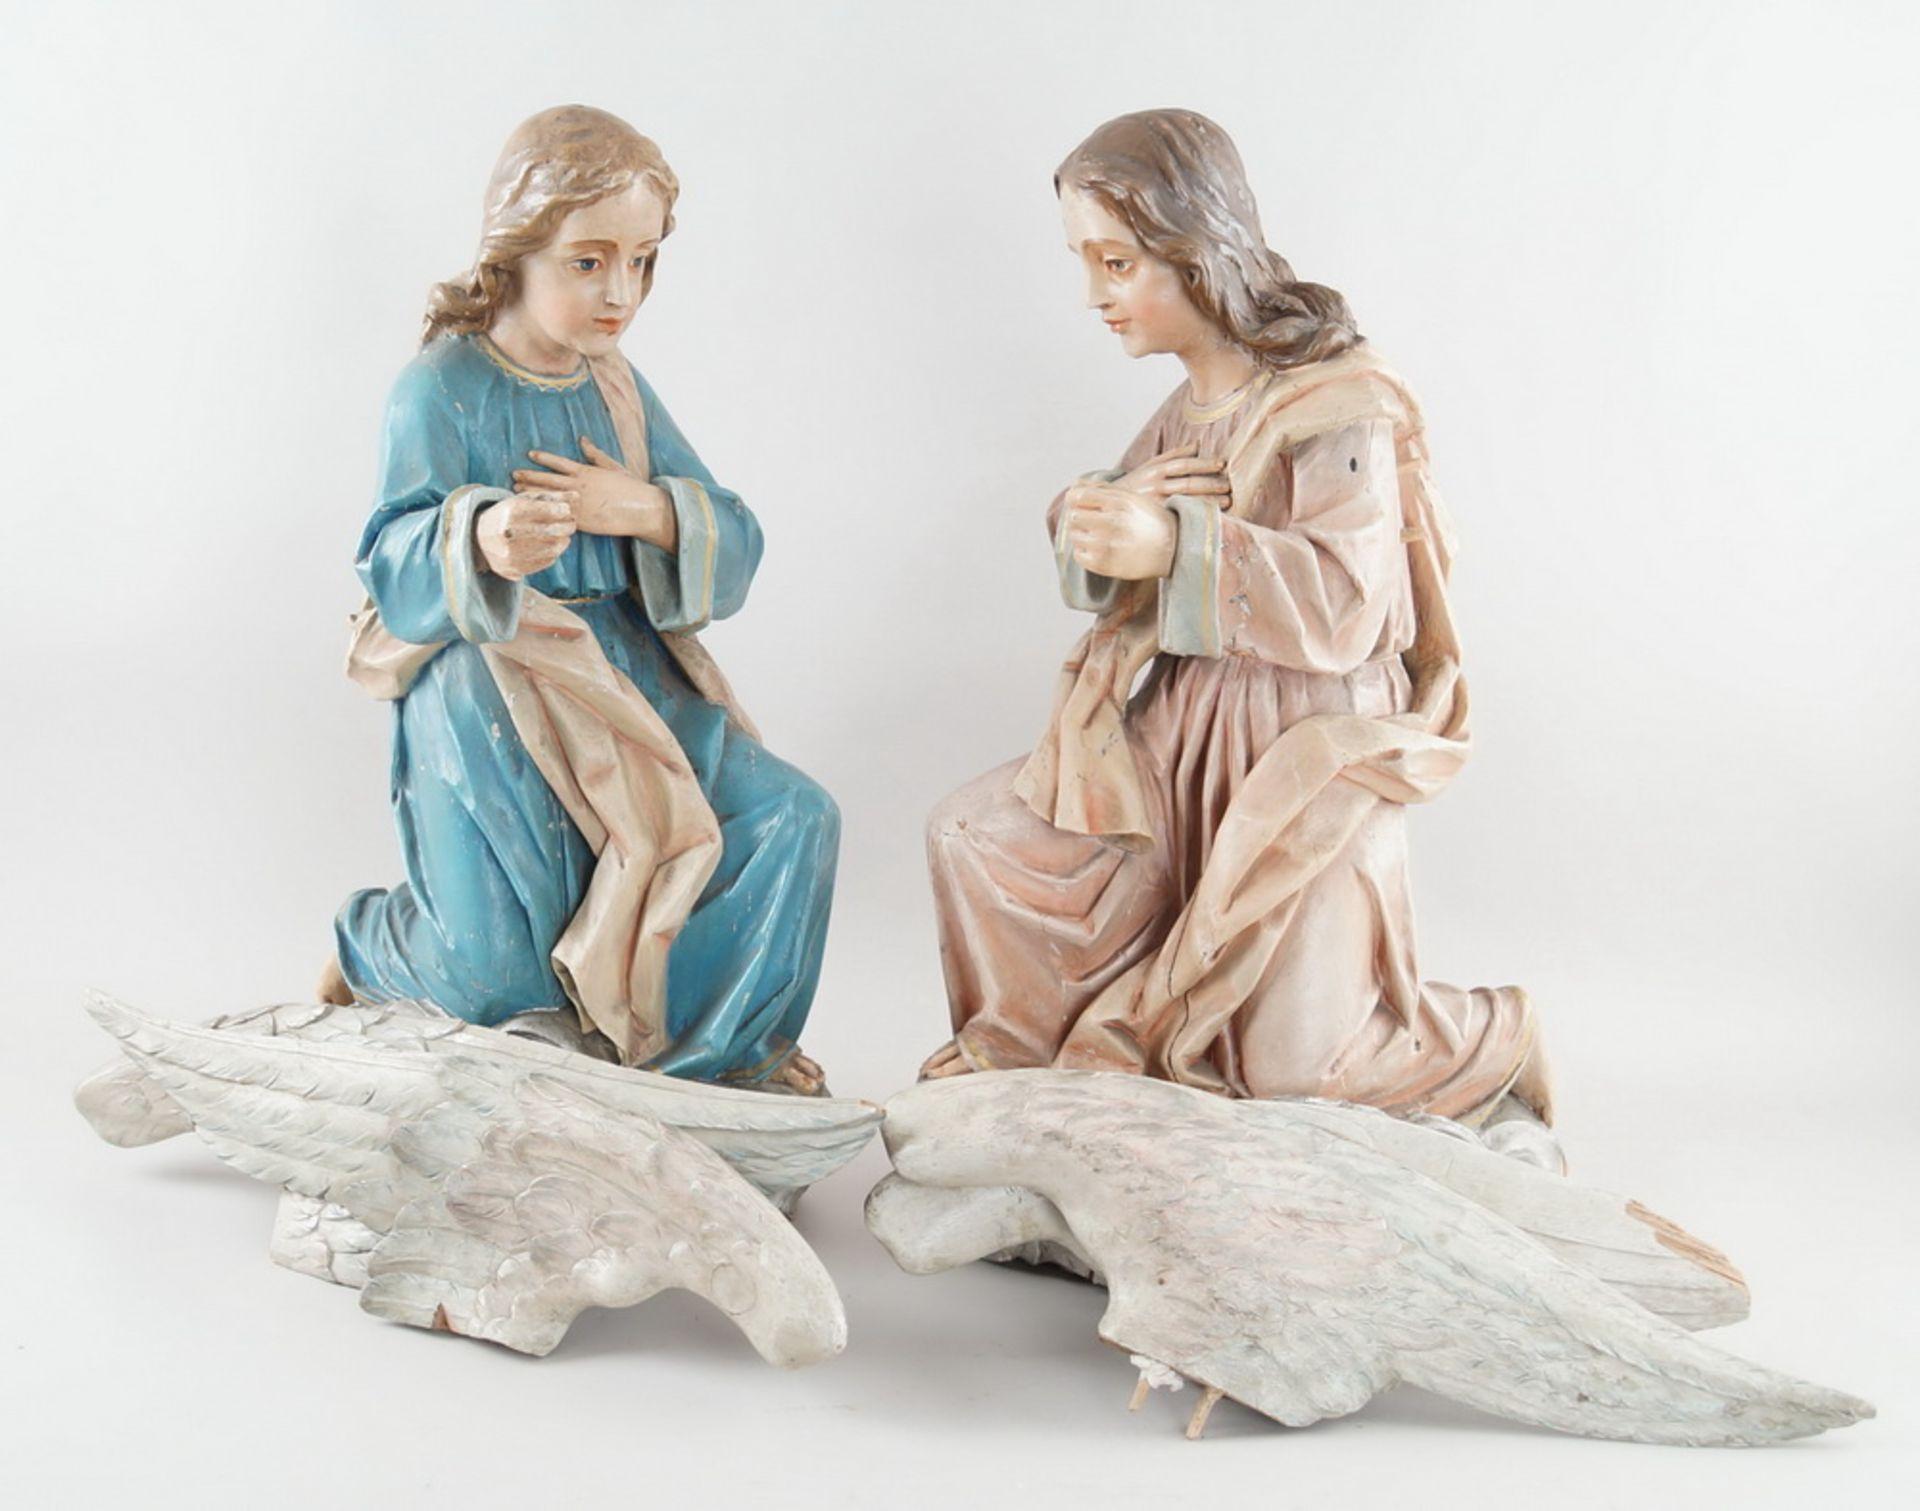 Zwei kniende Engel mit Flügel, 18. JH, Holz geschnitzt und gefasst, rest.-bed., H je 73cm